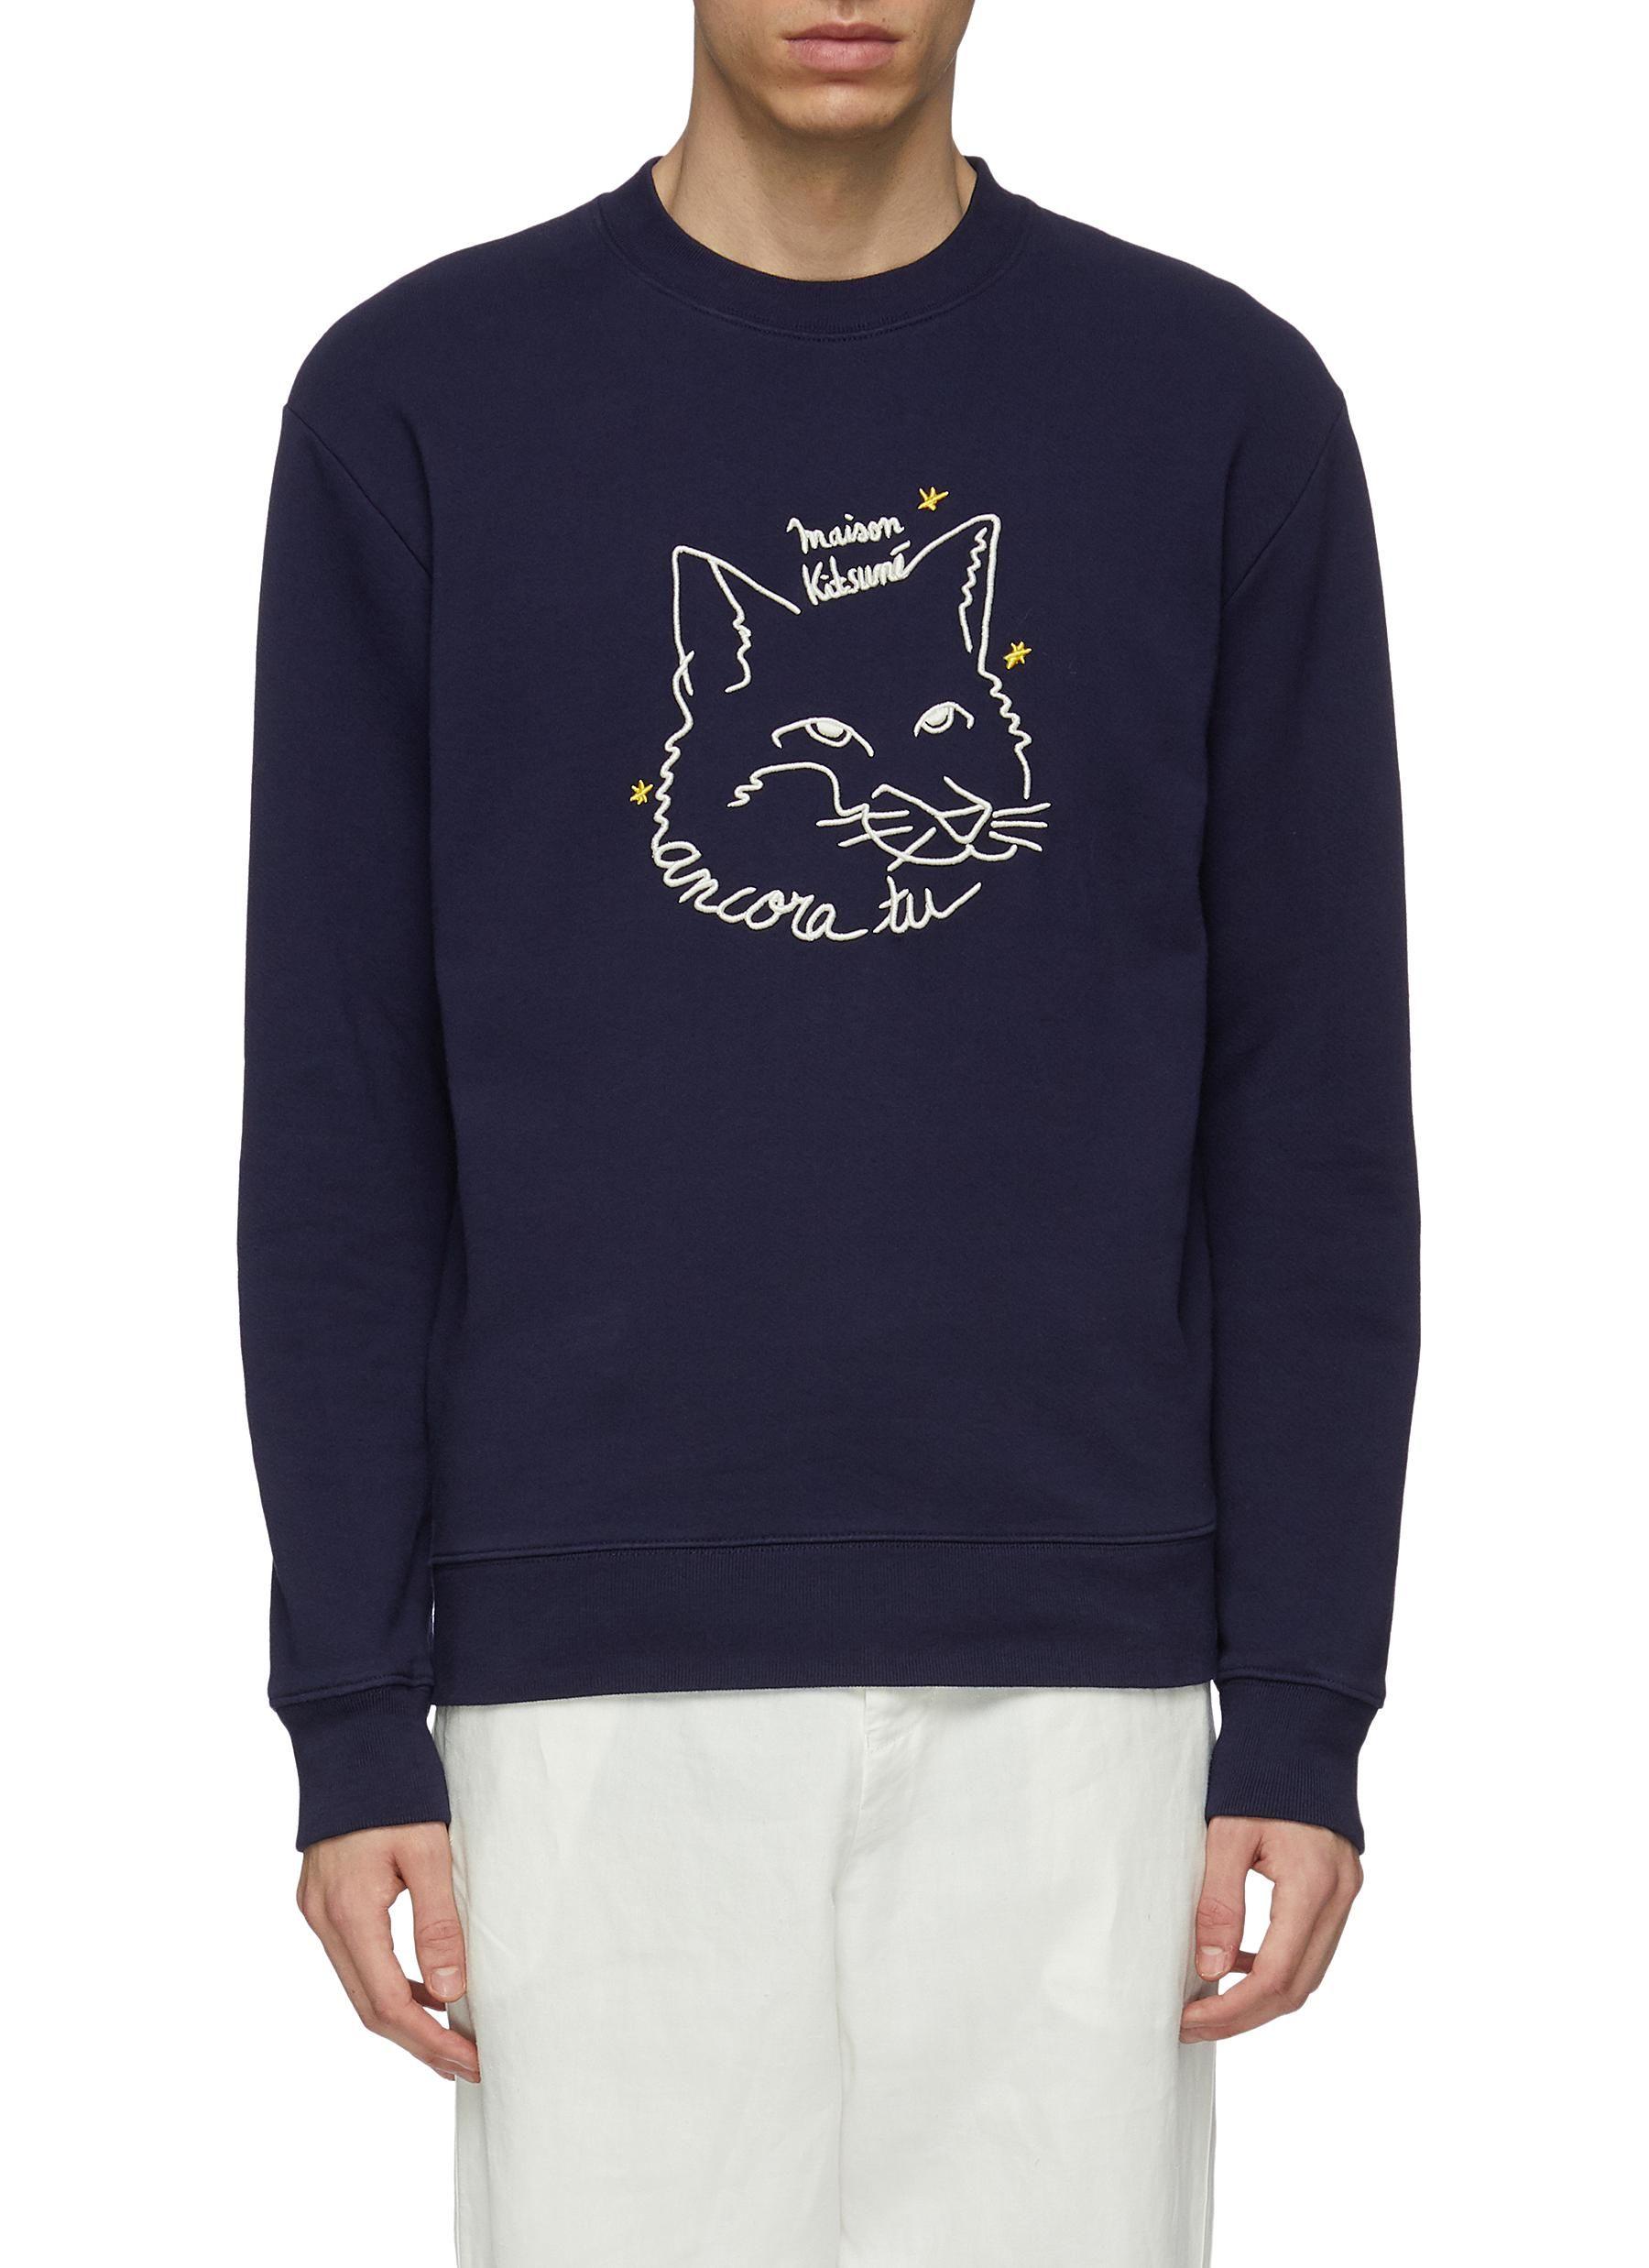 Maison Kitsune Ancora Tu Slogan Fox Head Embroidered Sweatshirt Modesens Embroidered Sweatshirts Sweatshirts Maison Kitsune [ 2475 x 1800 Pixel ]